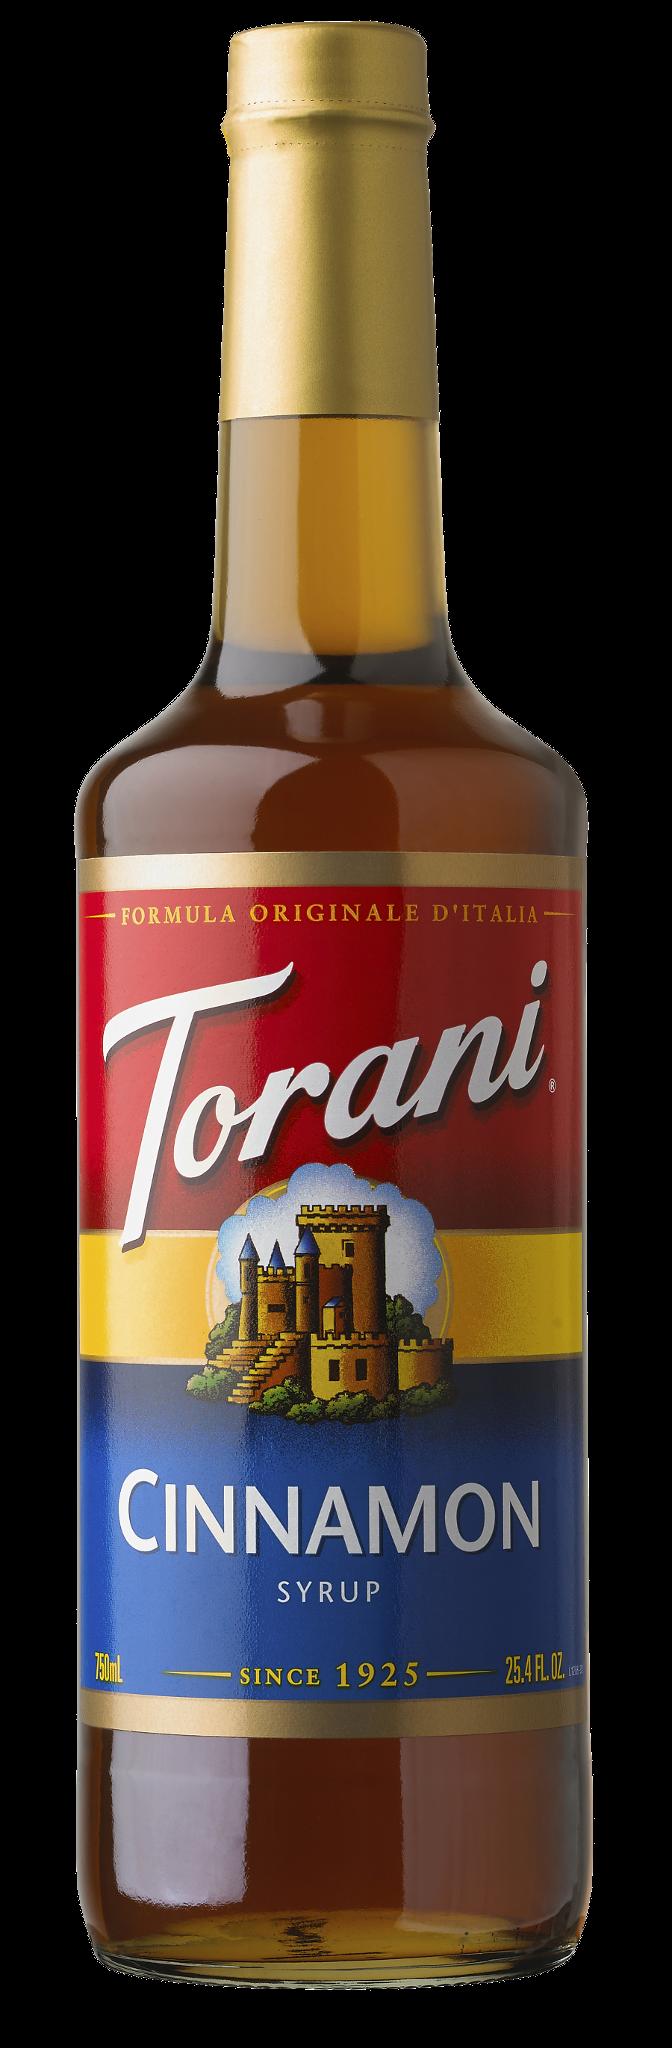 Cinnamon Syrup image